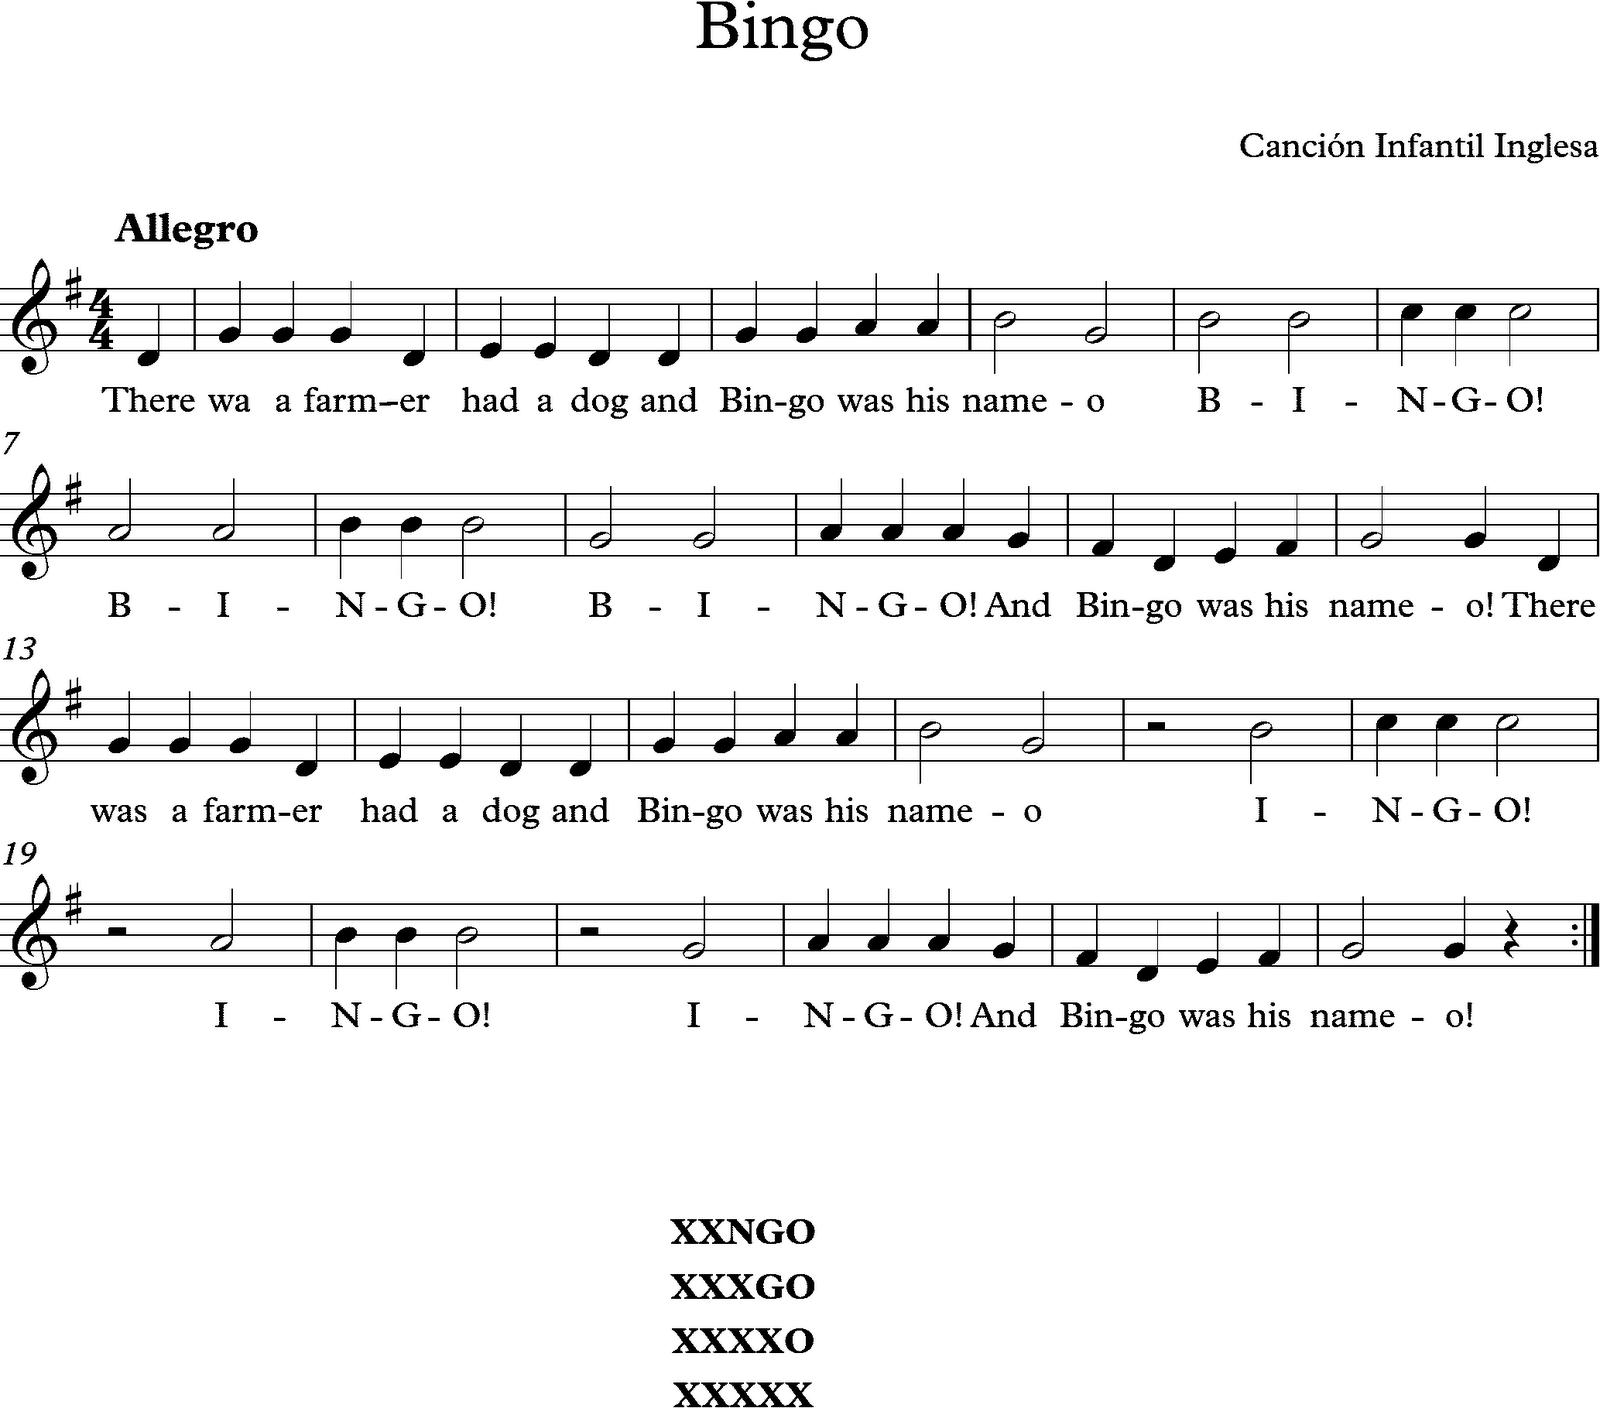 Descubriendo la m sica partituras para flauta dulce o de for Cancion en el jardin